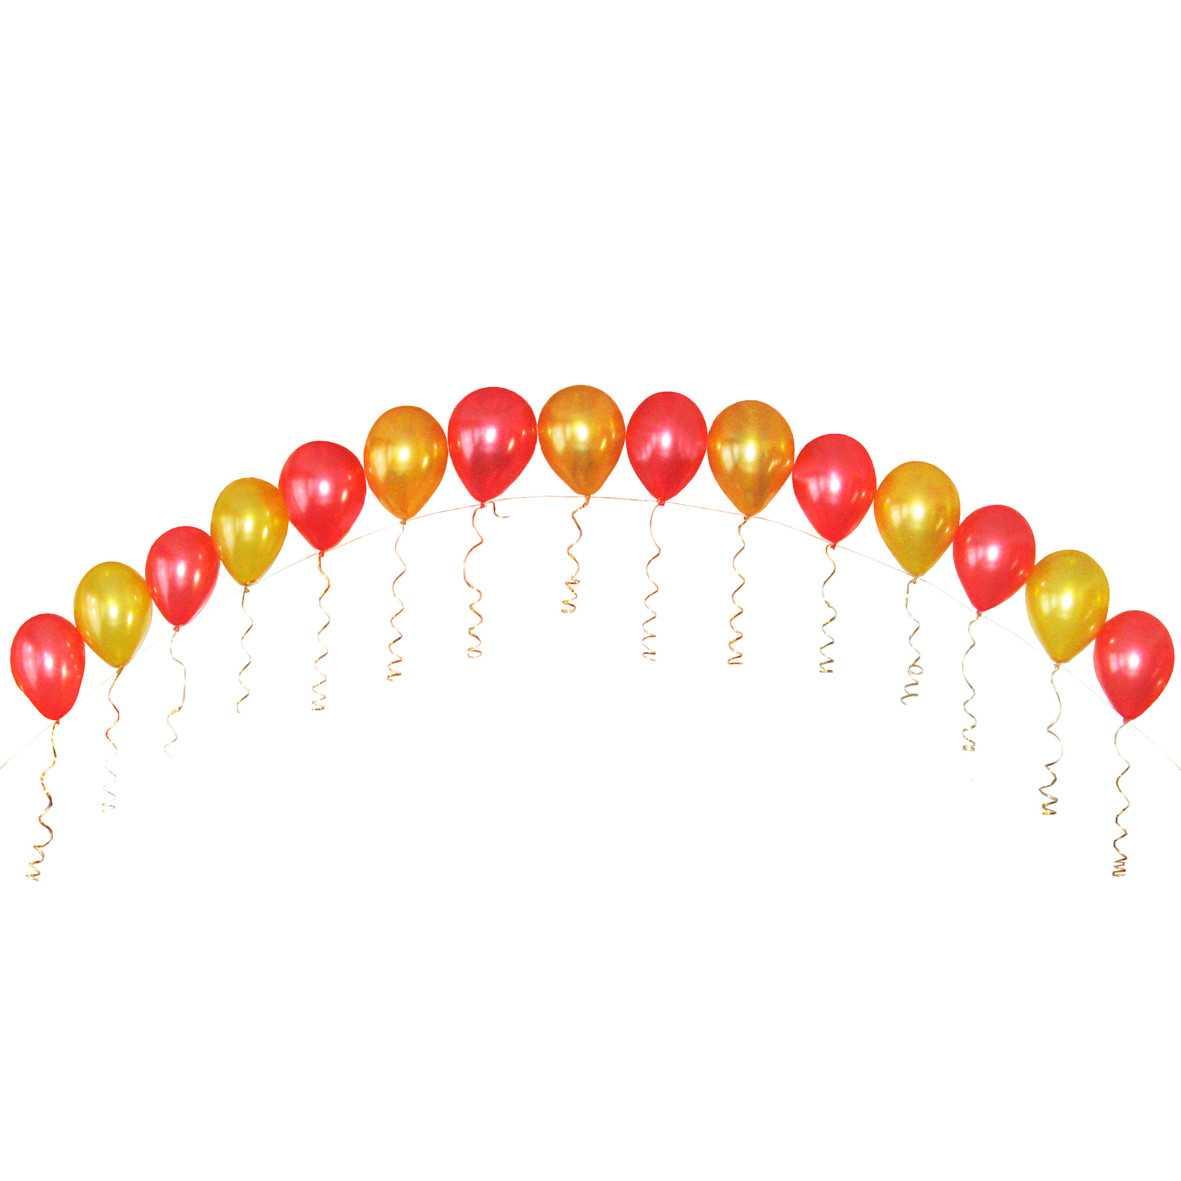 Оформление мероприятия воздушными шарами в Екатеринбурге